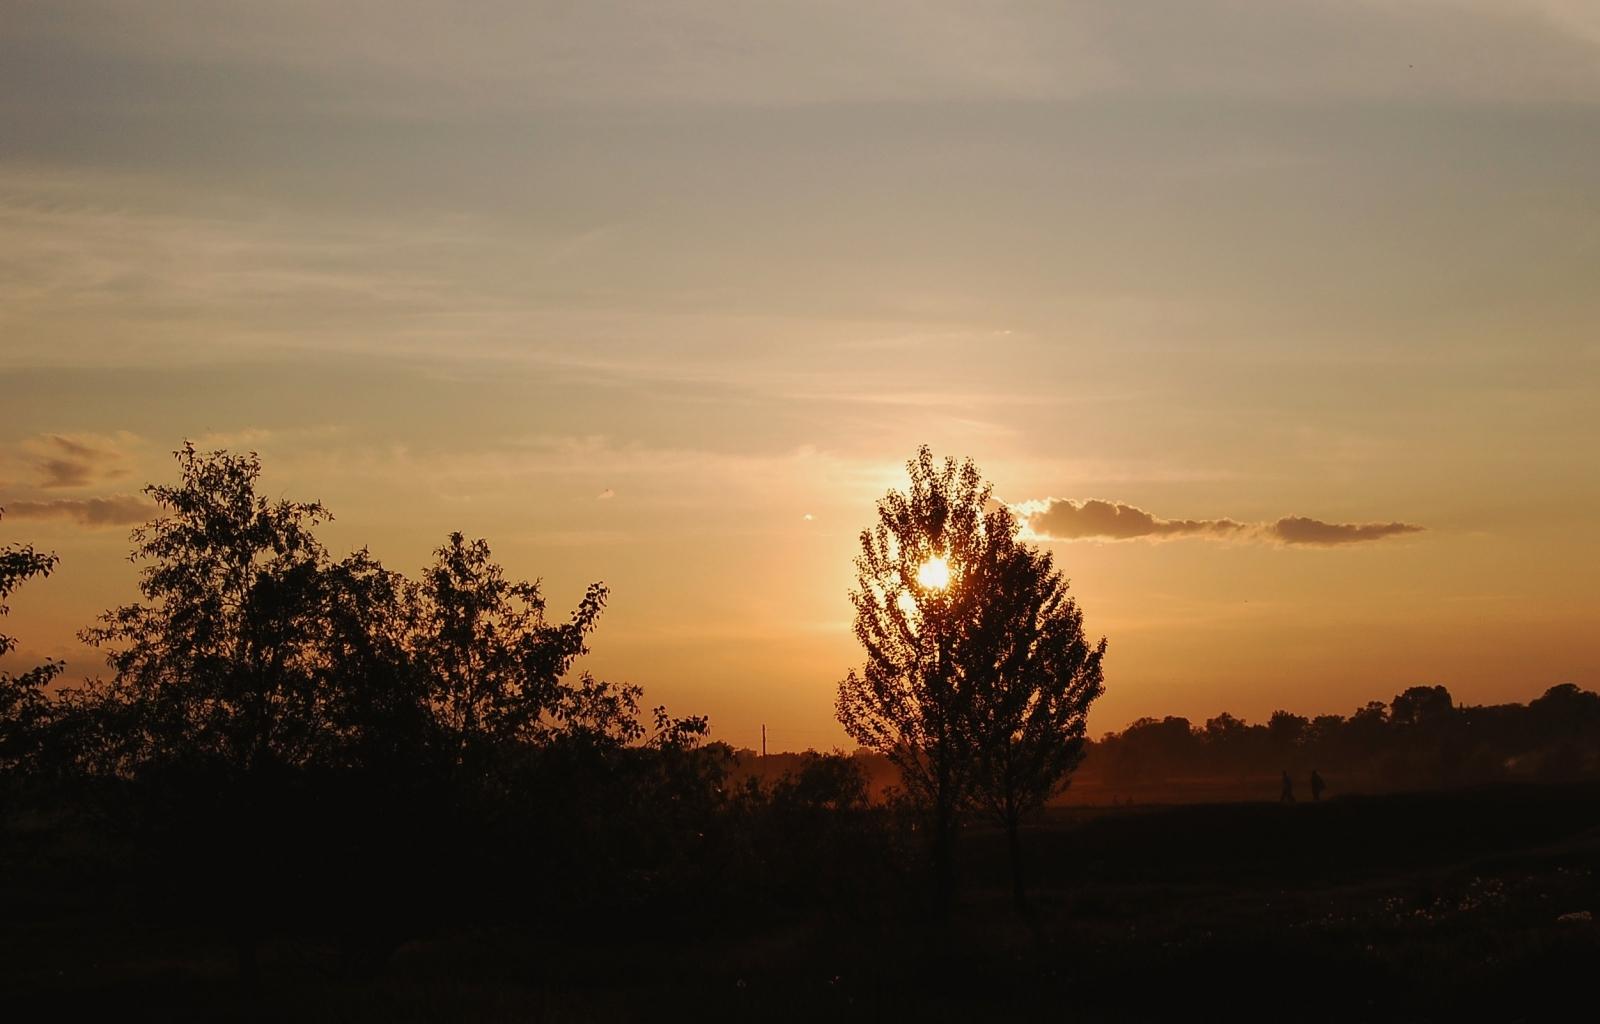 3049 скачать обои Пейзаж, Деревья, Закат, Небо, Солнце - заставки и картинки бесплатно